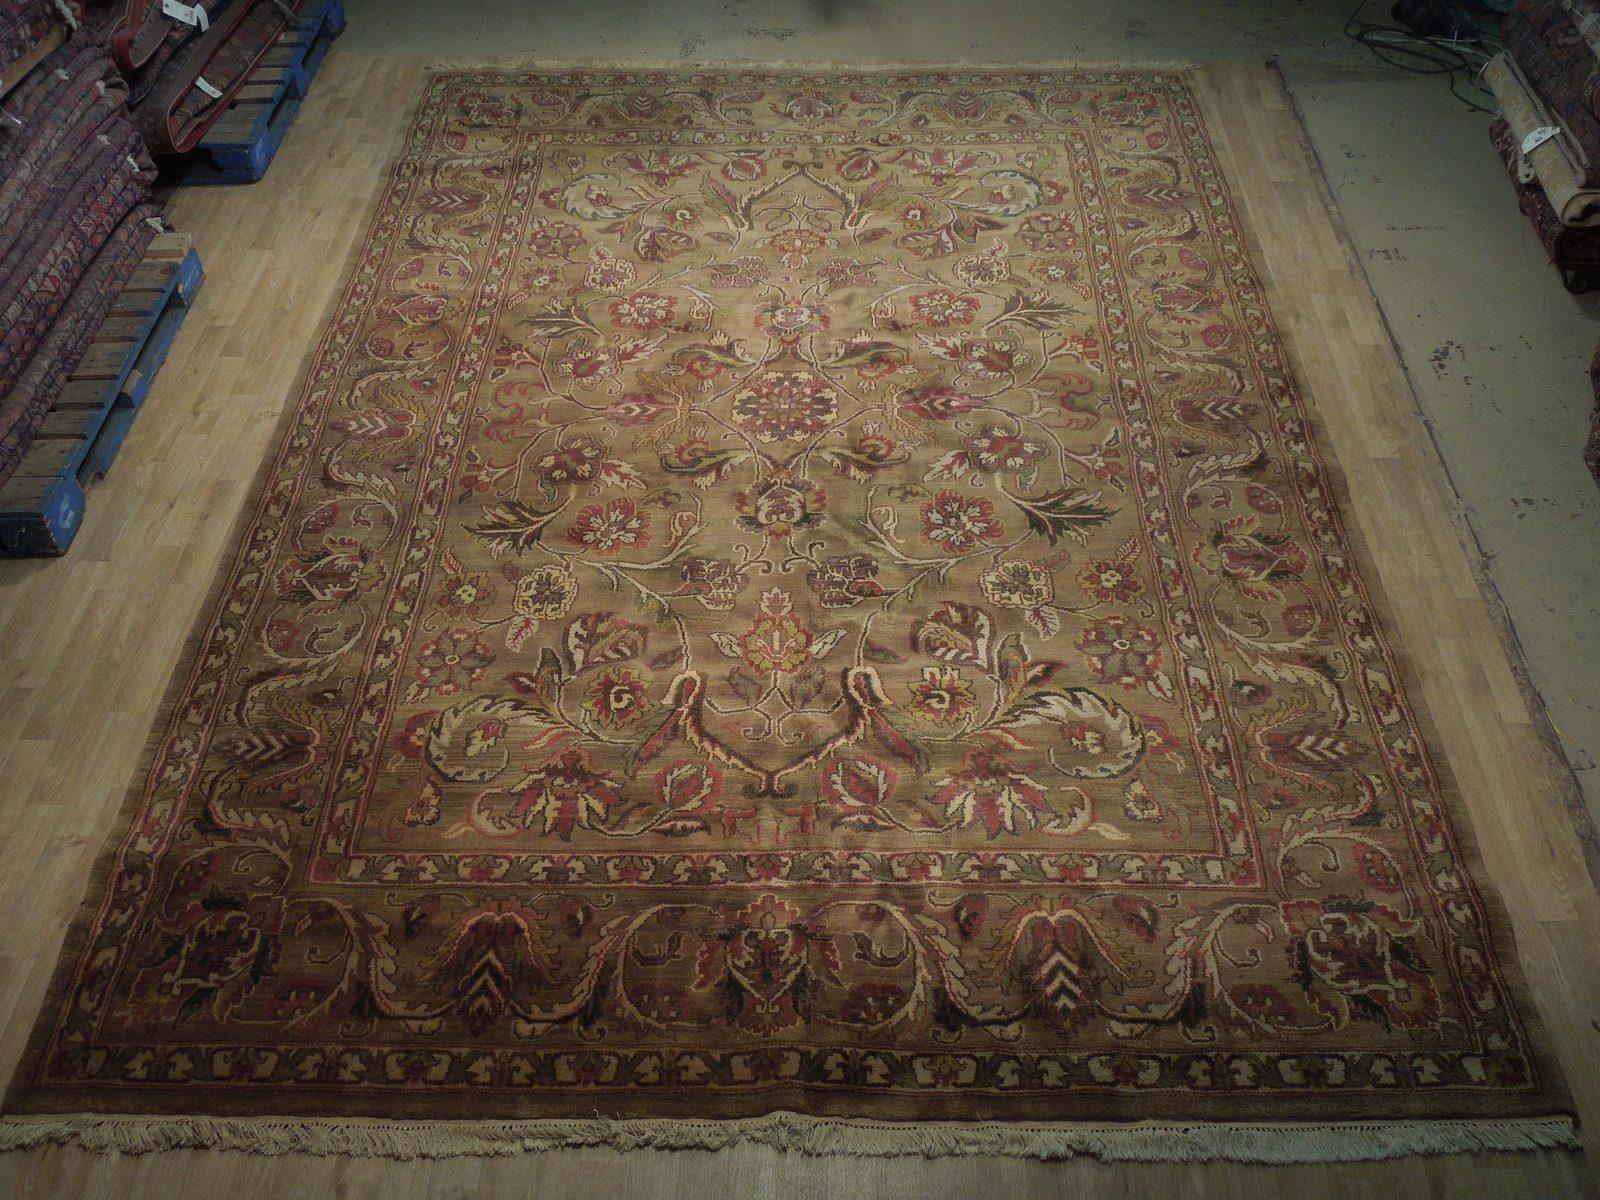 Densely Knotted Genuine Handmade 9 x 13 Brown Jaipur Wool Rug image 4